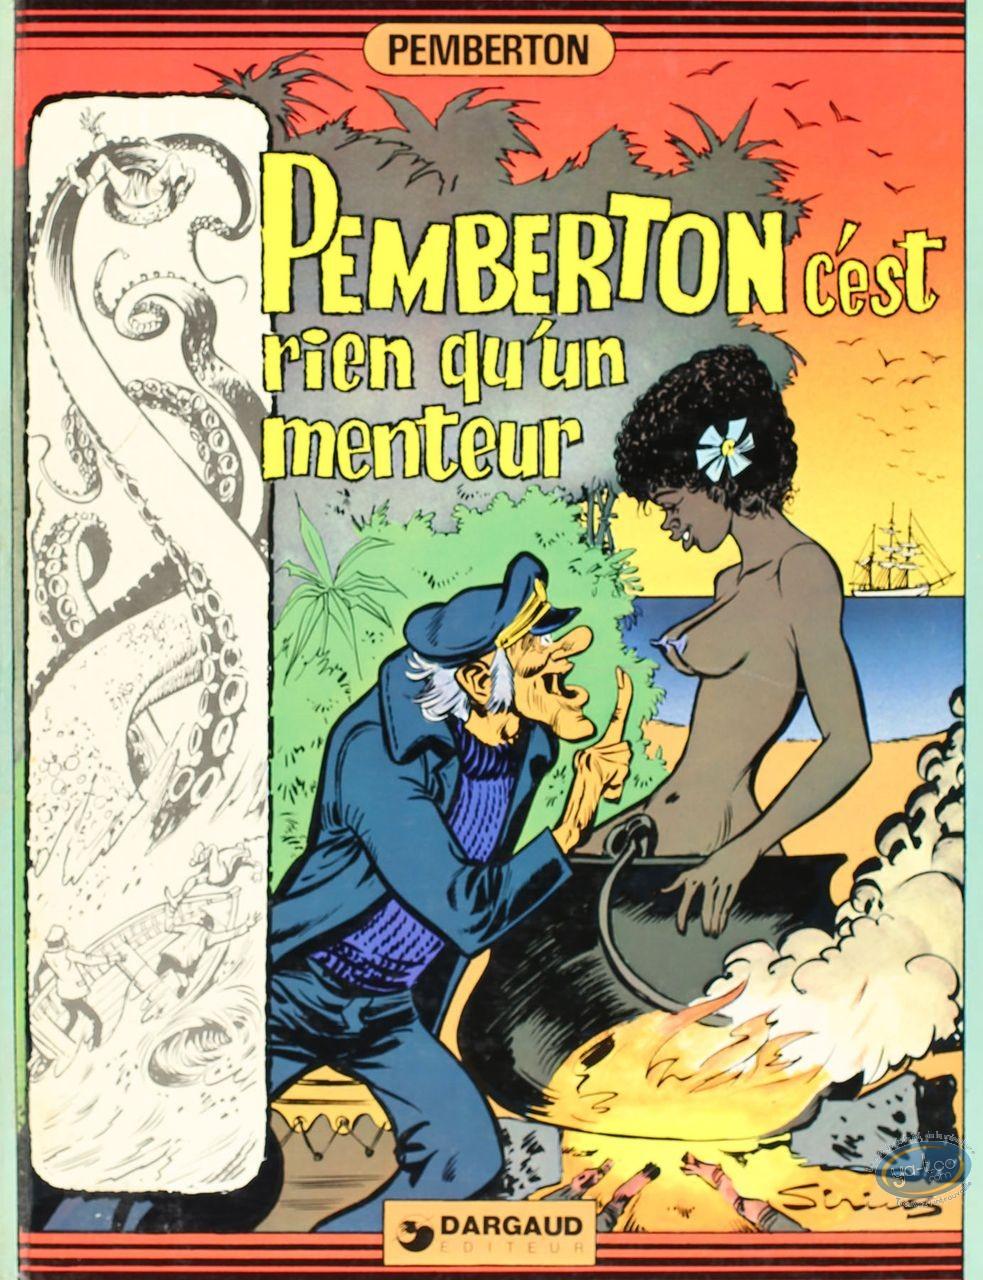 Listed European Comic Books, Pemberton : Pemberton c'est rien qu'un menteur (very good condition)